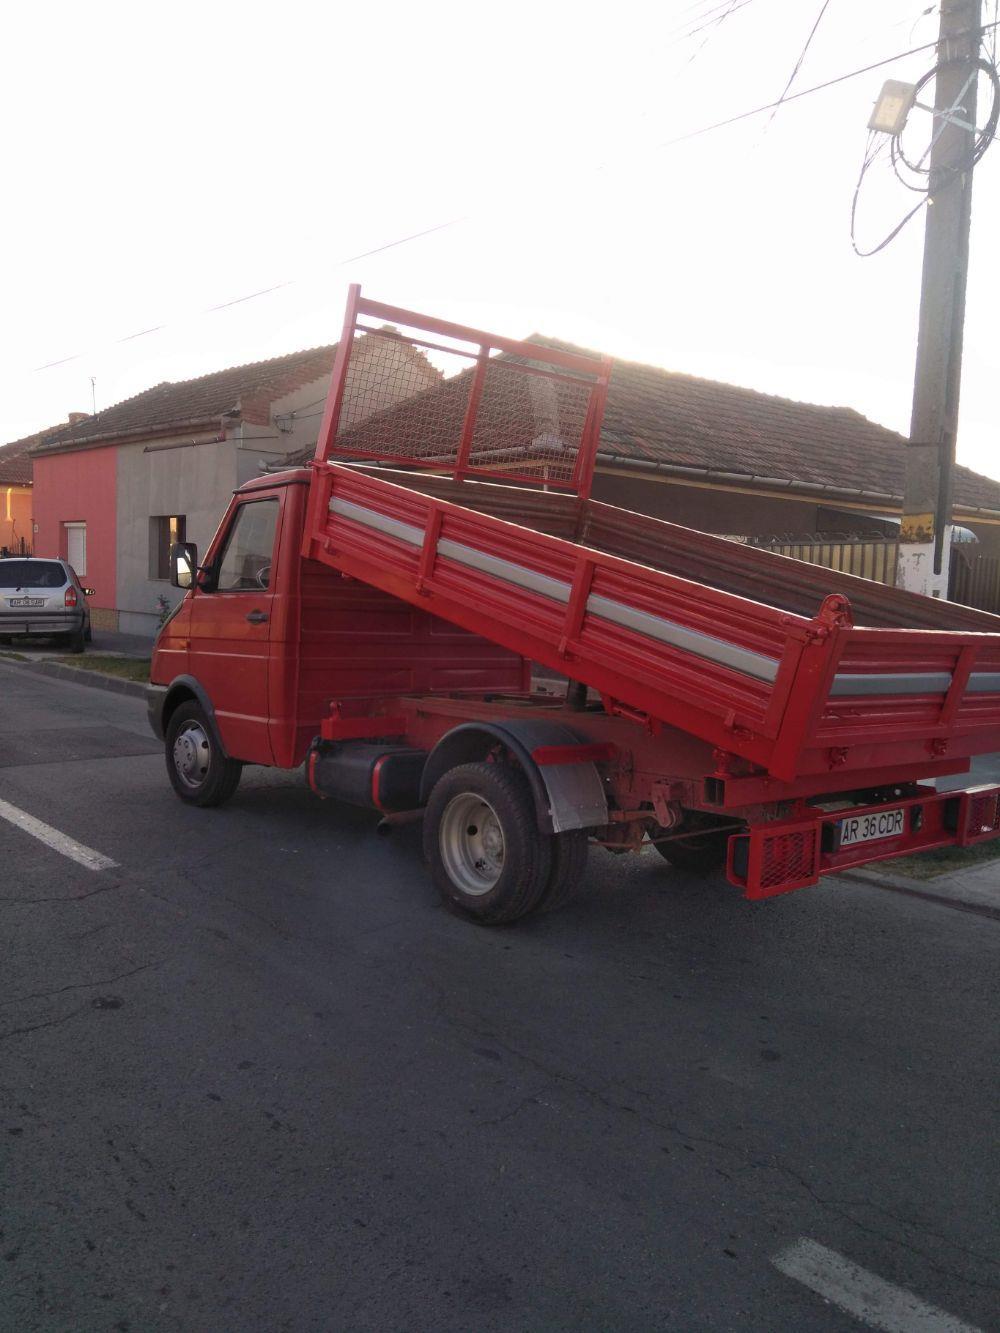 Transport marfa mobilă materiale de construcții executam mutări transport moloz în saci gunoi